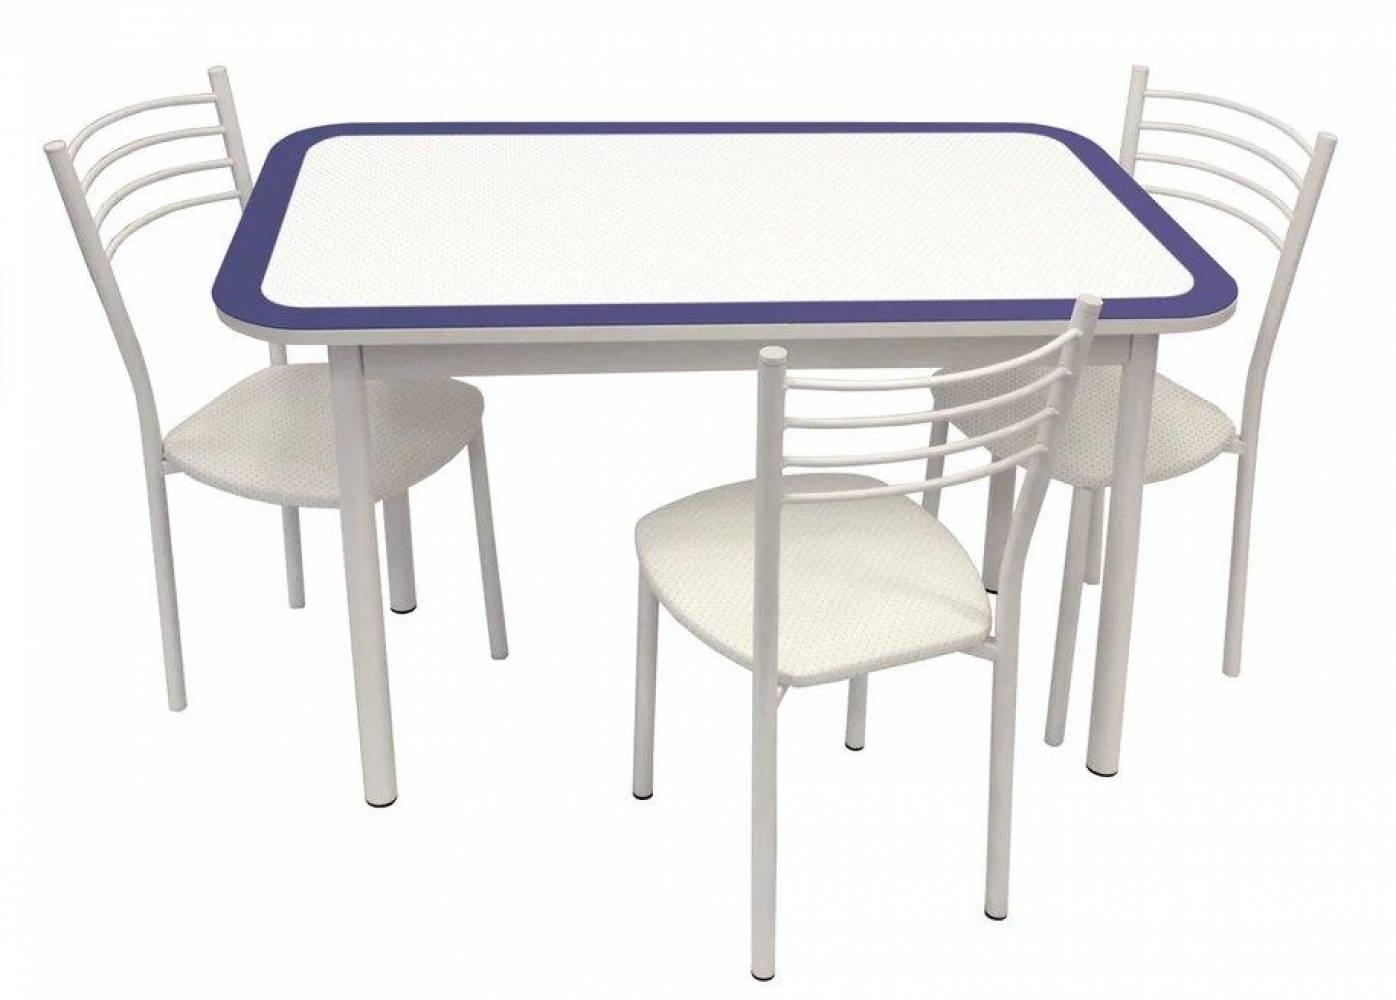 Стол обеденный СТИЛЬ 1 пунто темно-синий/белый муар д.40